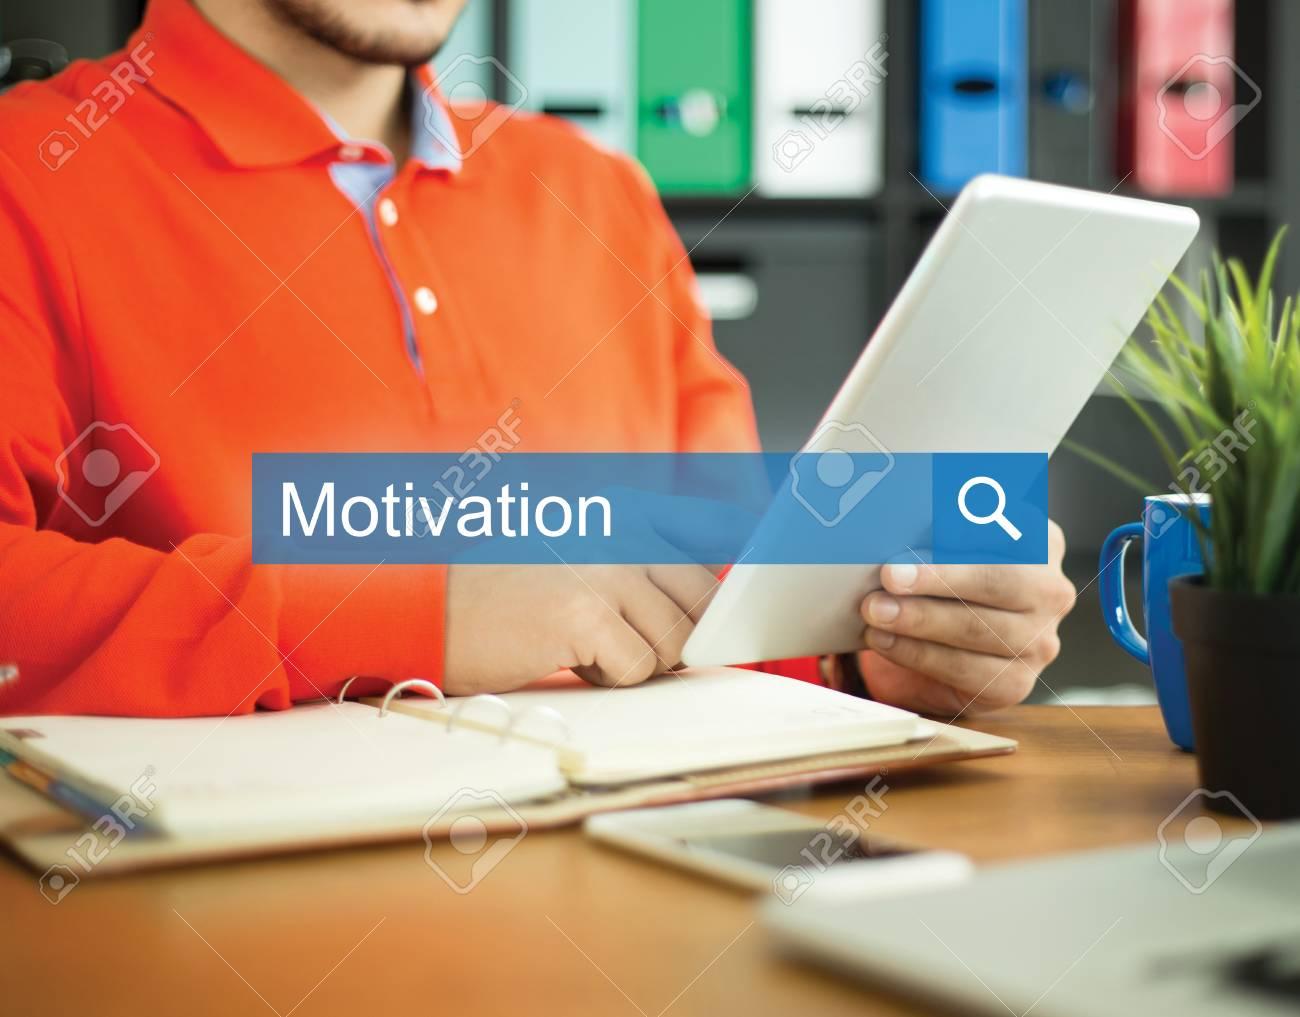 Junger Mann Mit Dem Tablet Pc In Einem Buro Arbeiten Und Motivation